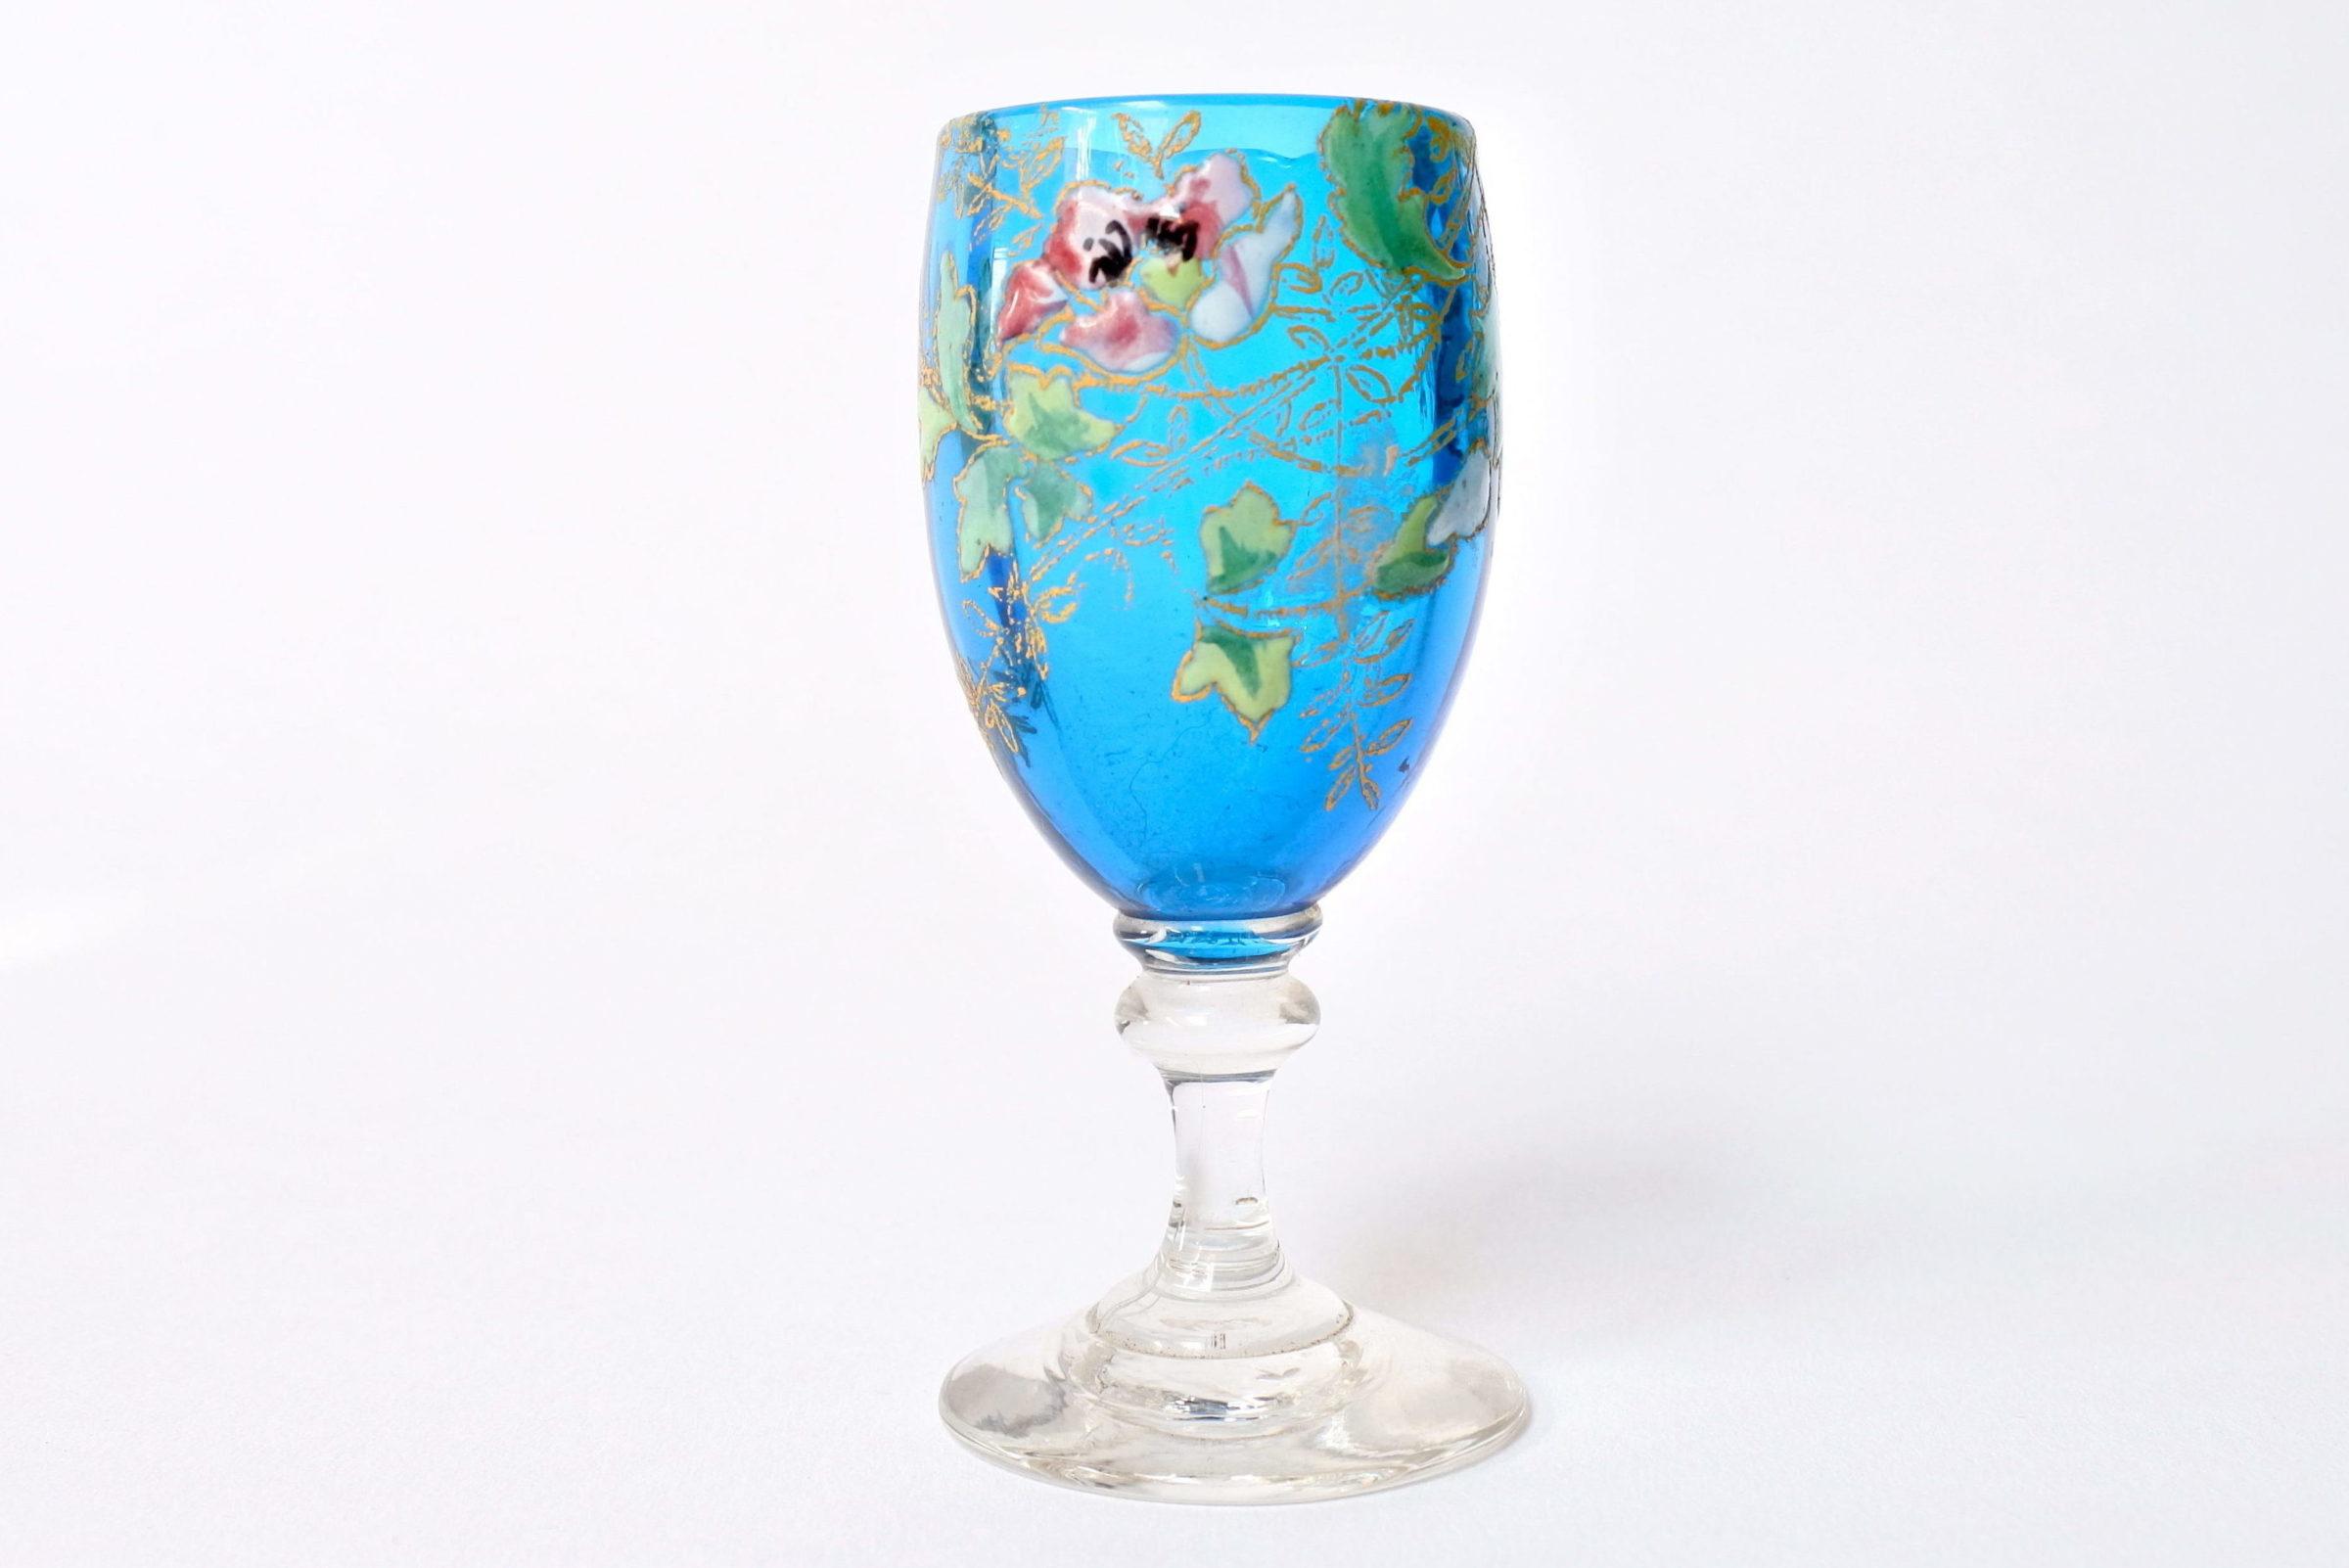 6 bicchierini Legras a calice in vetro soffiato con rami di fiori smaltati - 5